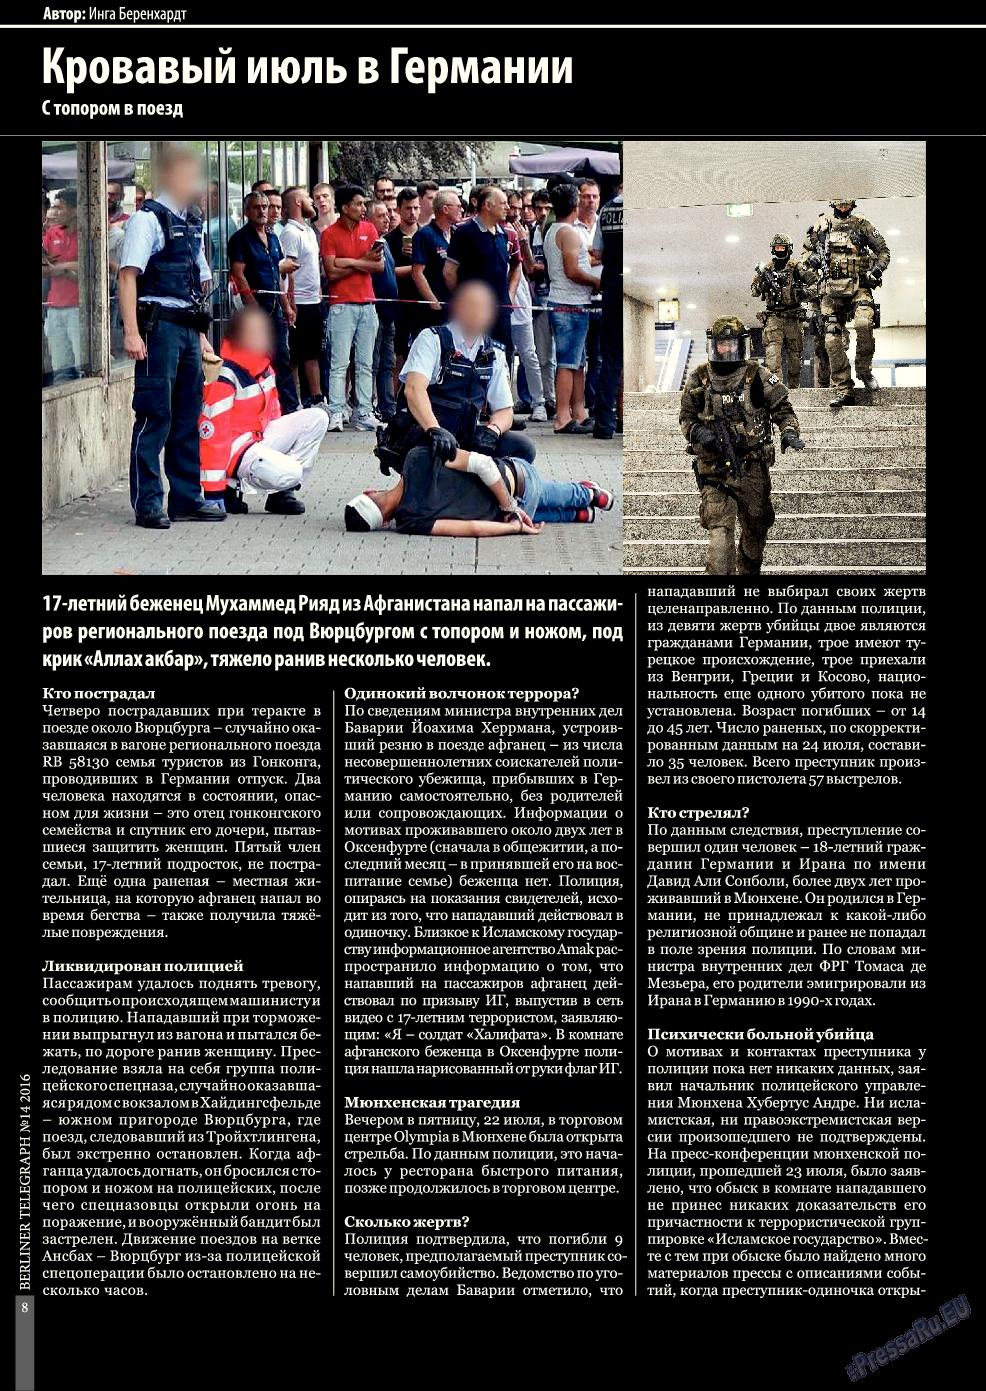 Берлинский телеграф (журнал). 2016 год, номер 14, стр. 8